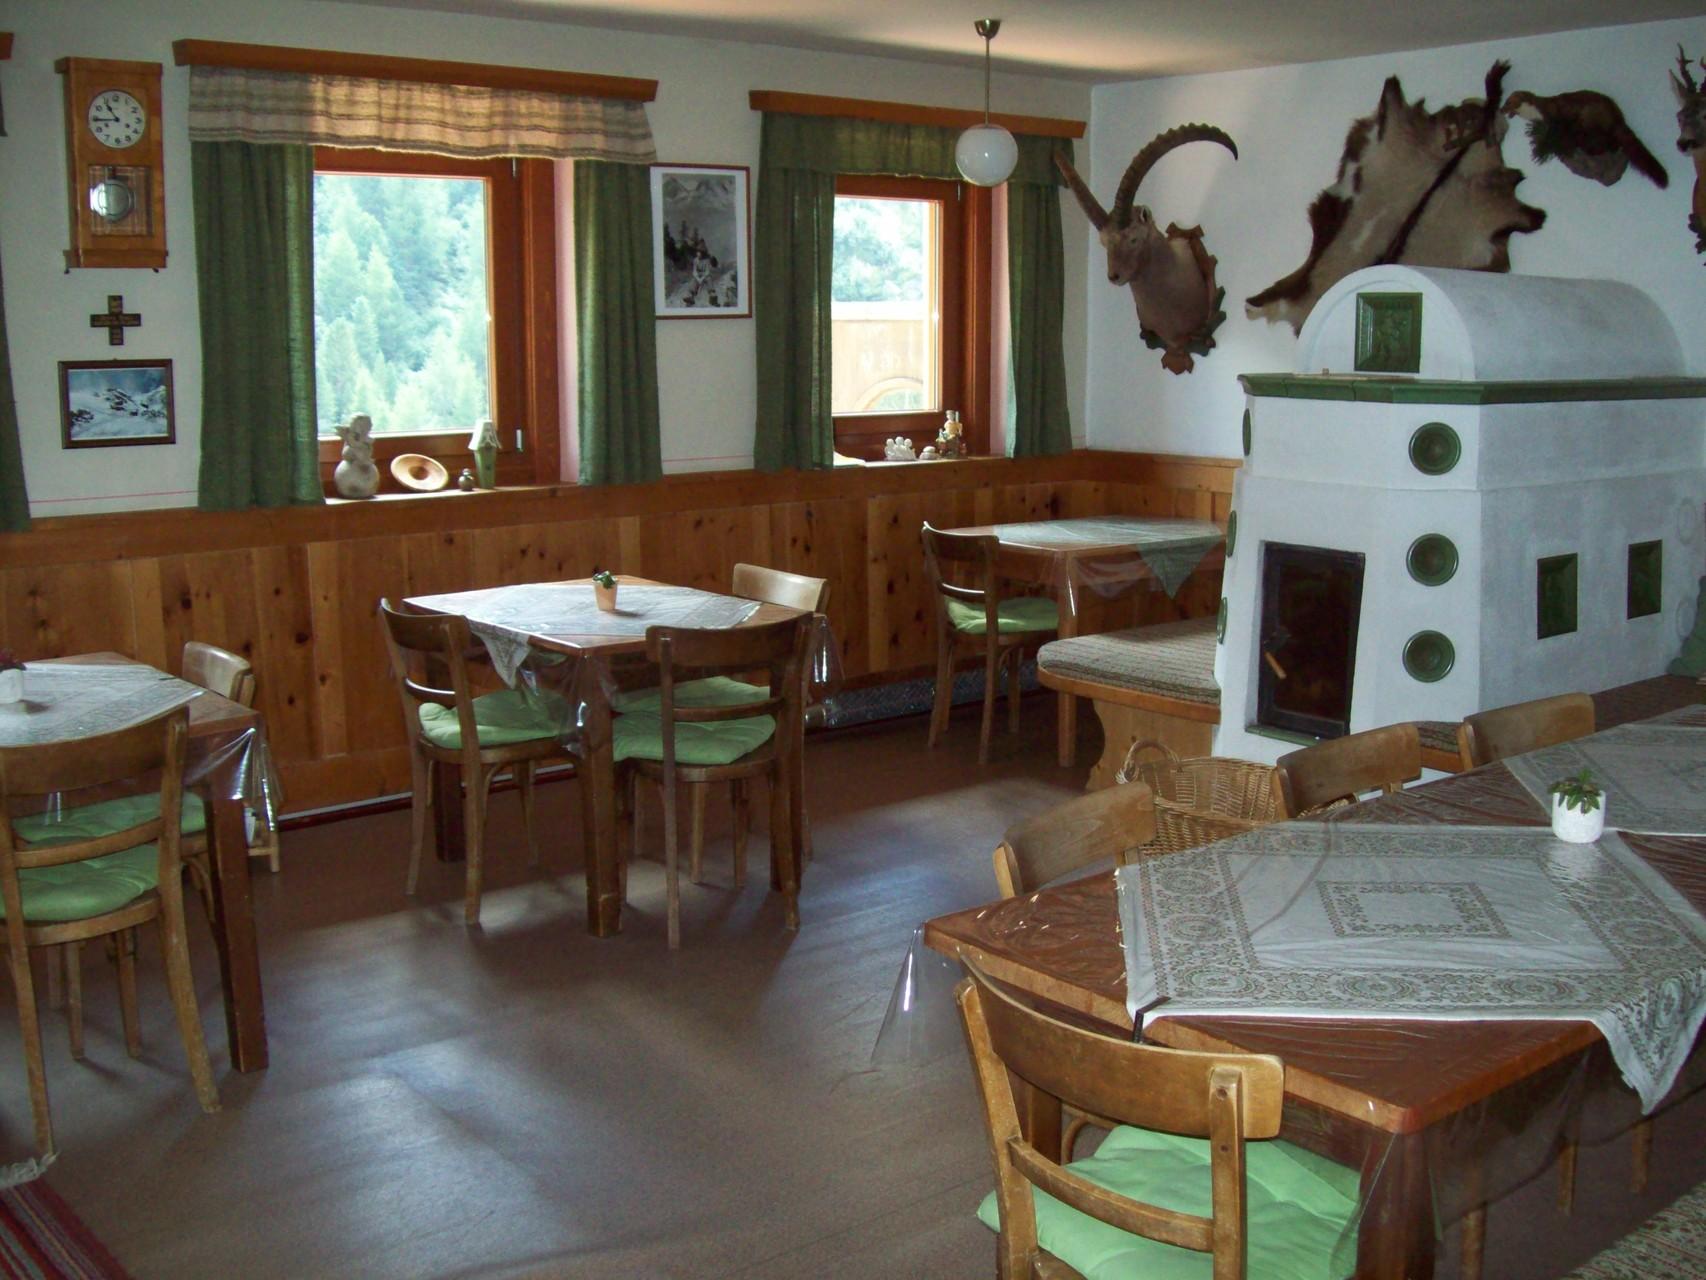 Der gemütliche Speisesaal mit Kachelofen bietet Platz für ca. 30 Personen.